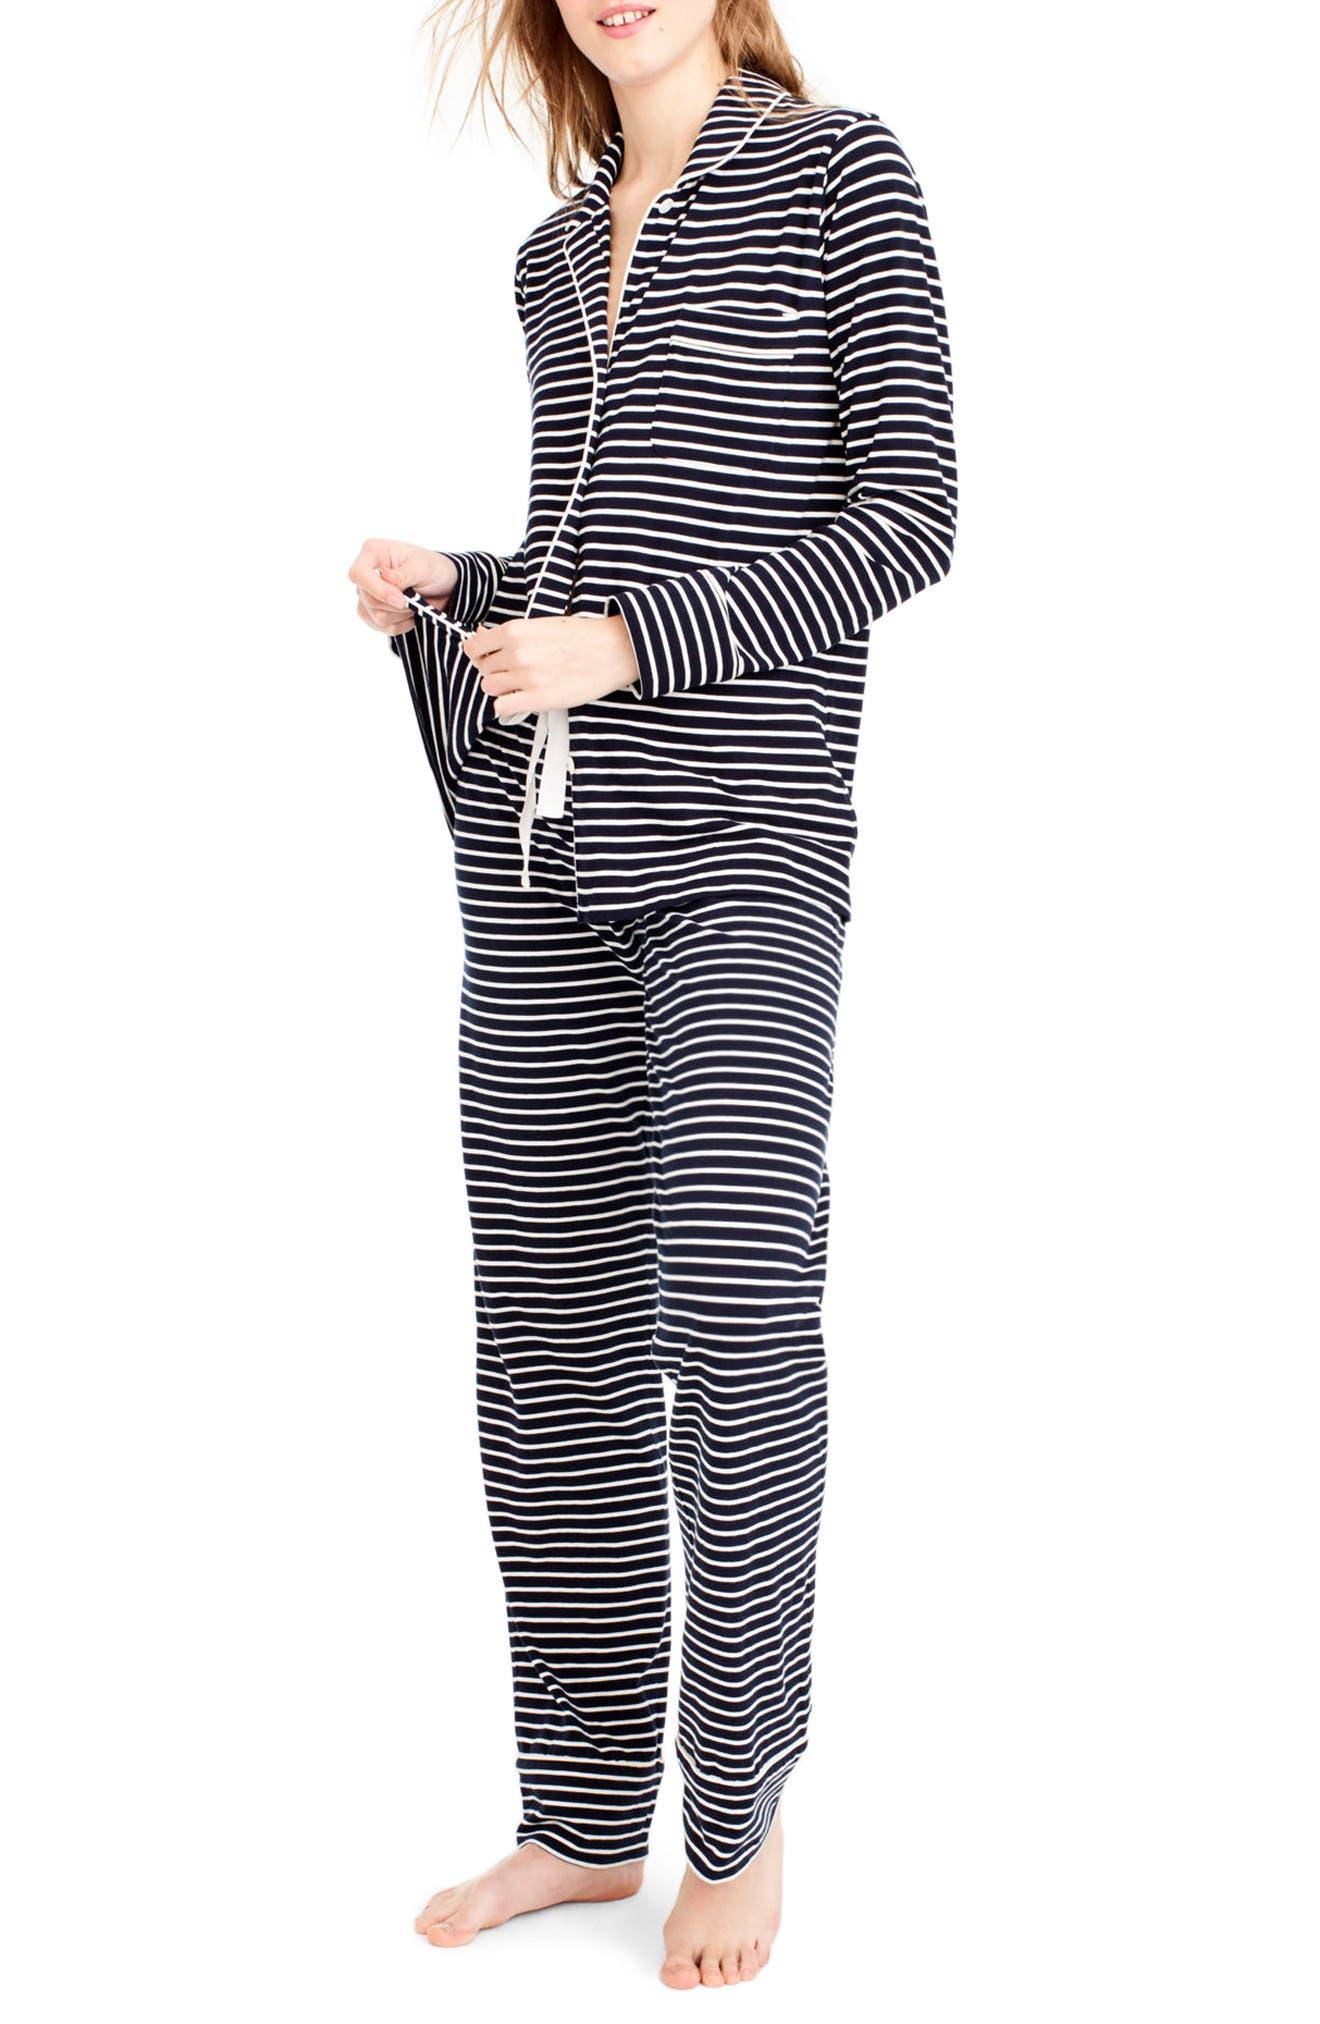 Dreamy Stripe Cotton Pajamas,                         Main,                         color, NAVY IVORY